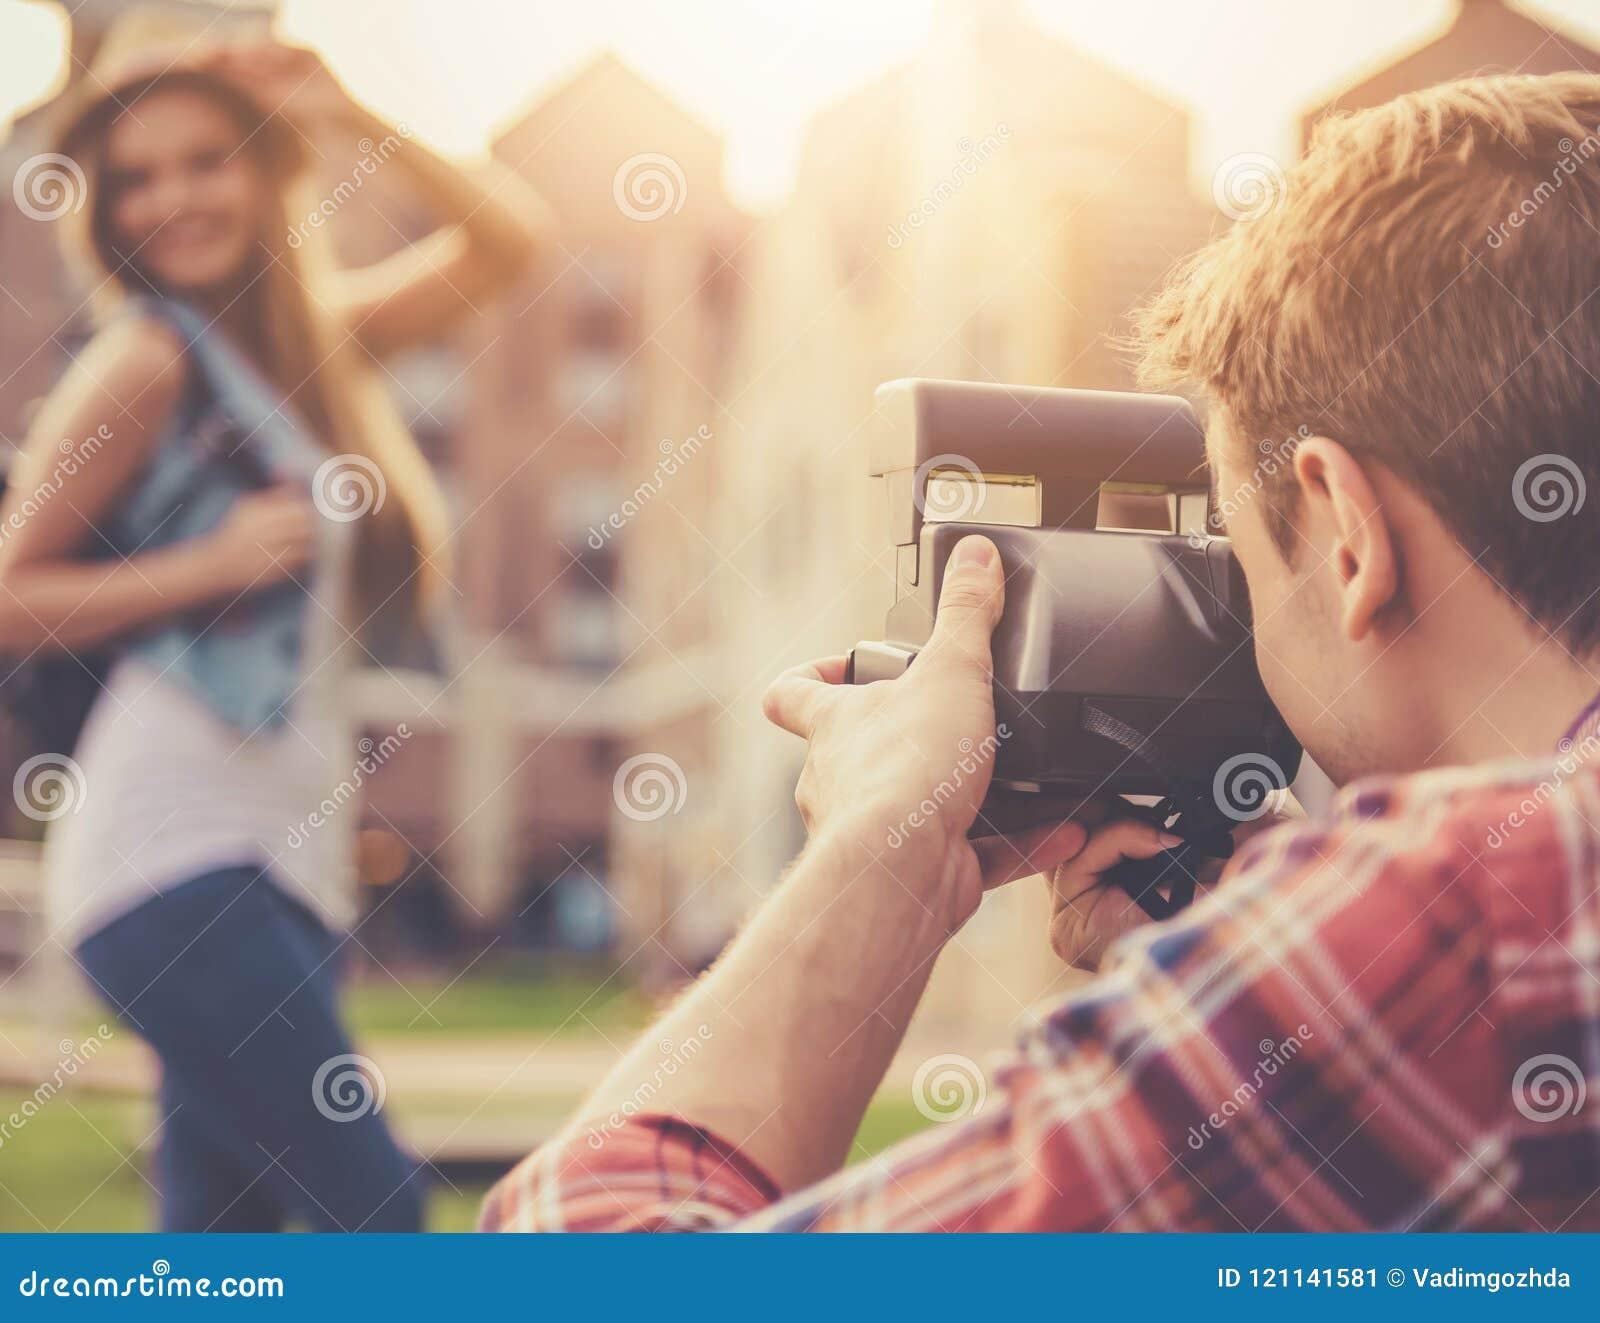 Stiliga Guy Takes Pictures av den attraktiva flickan